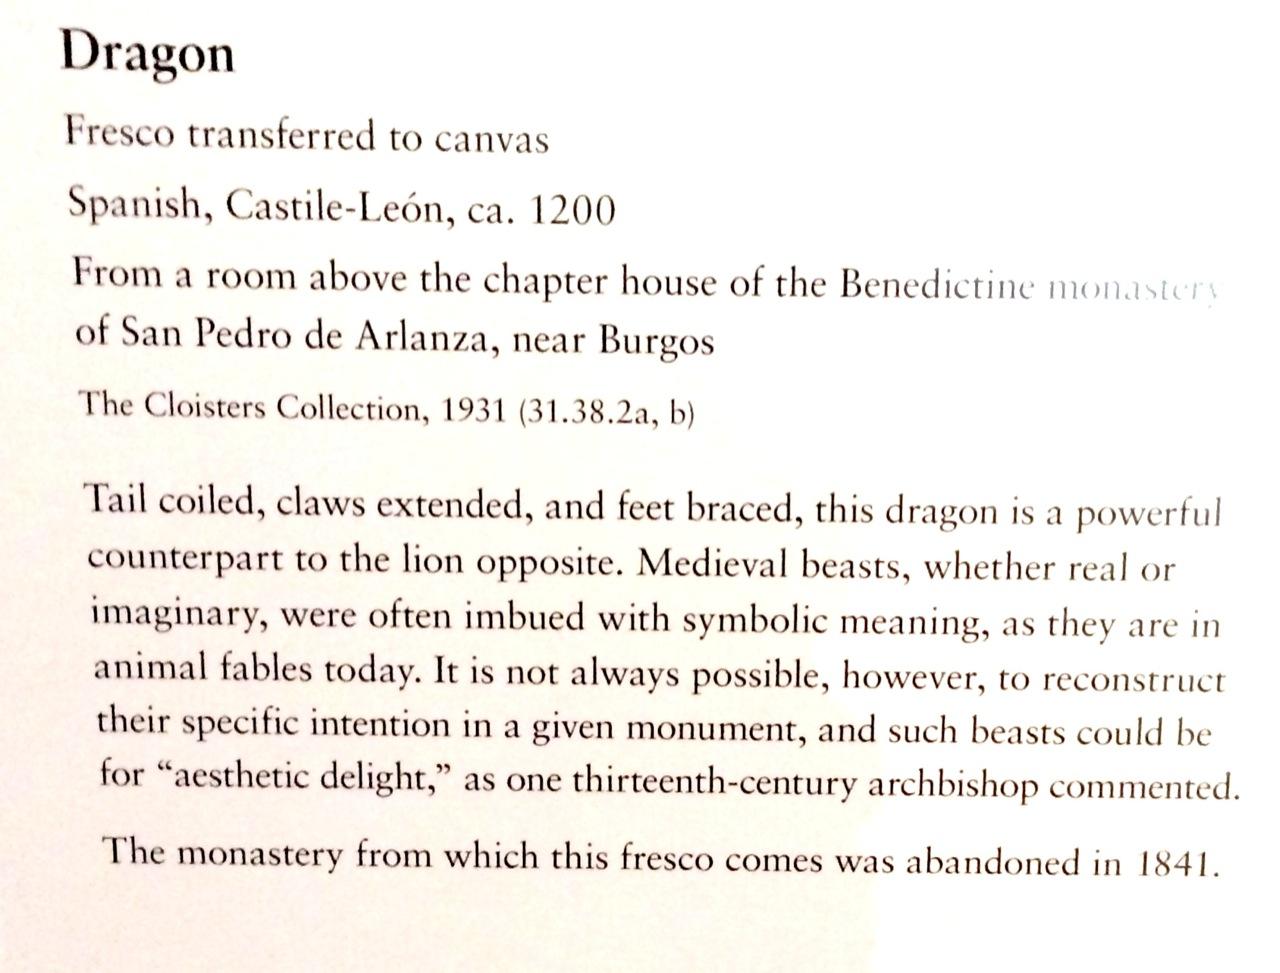 Dragon title